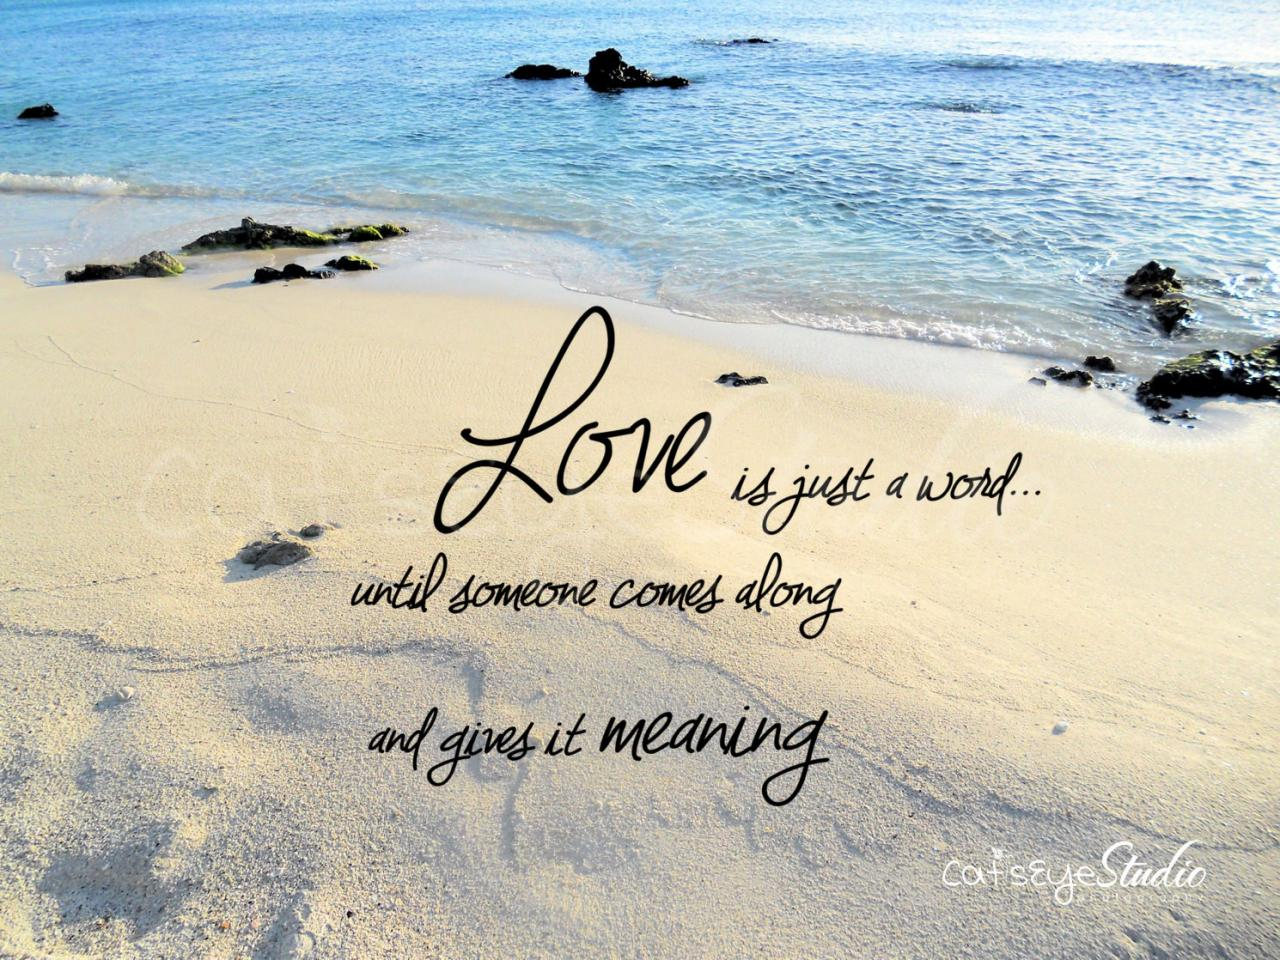 Beach Wedding Quotes Unique Love Quotes For The Beach Beach Wedding Love Quotes Quotesgram